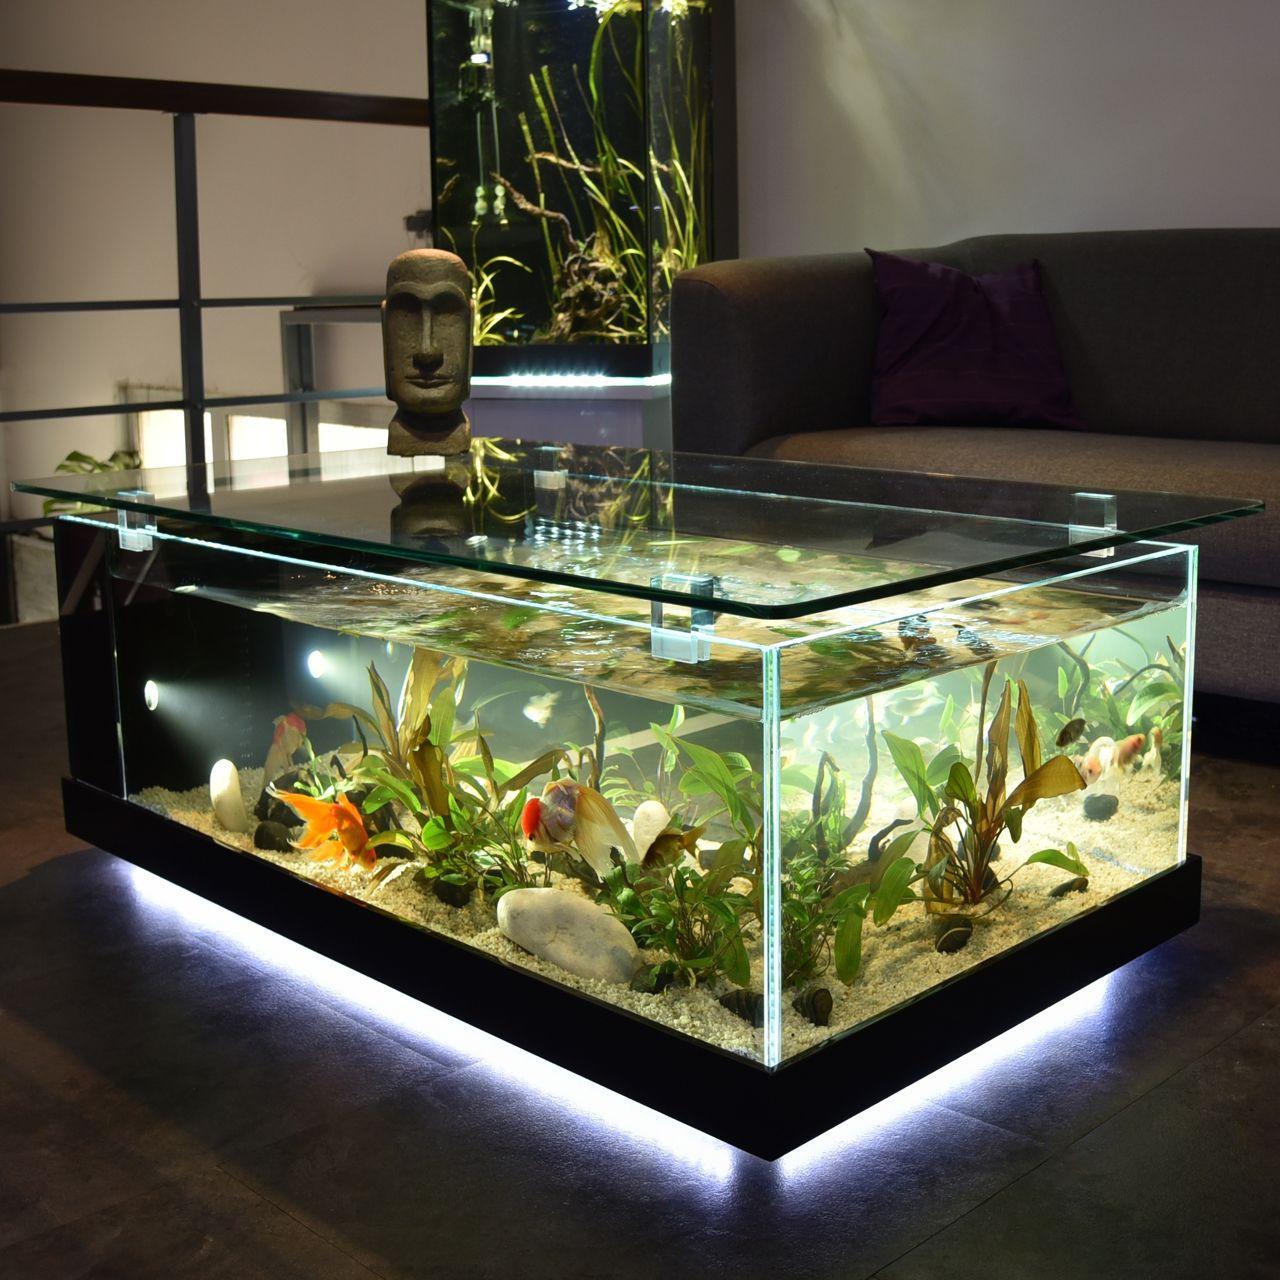 Table basse avec aquarium intégré